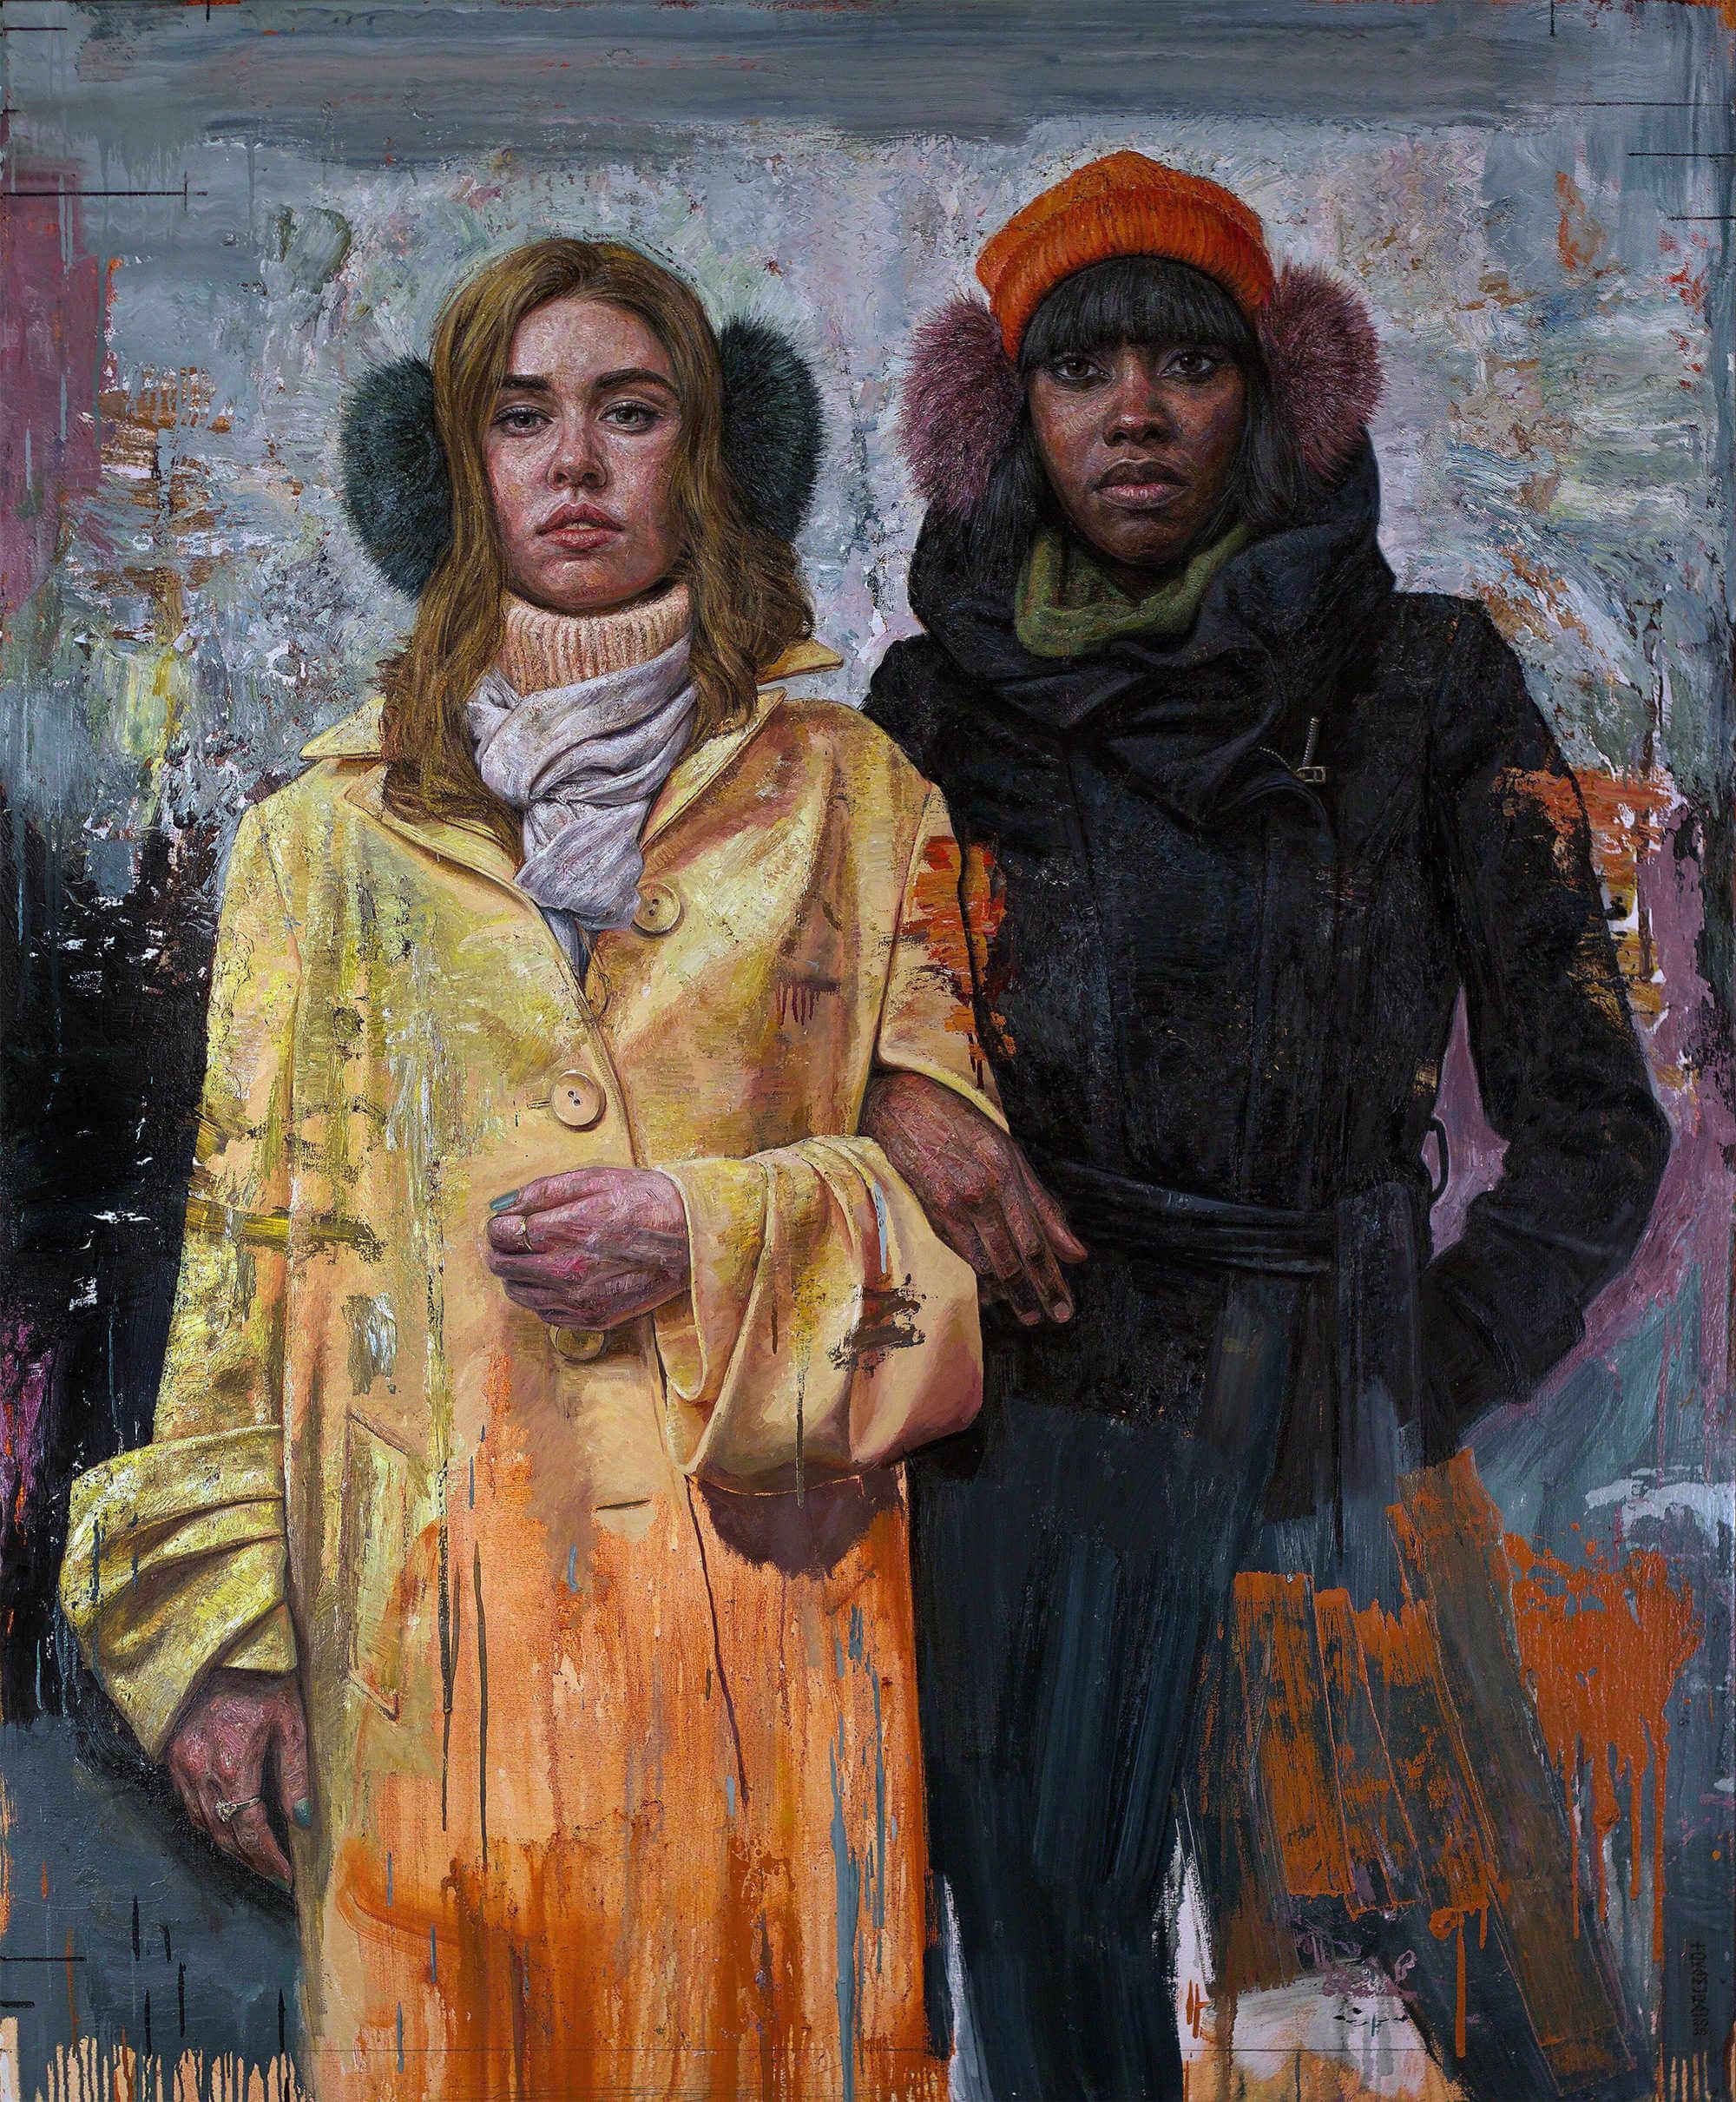 pintura de dos chicas con abrigo y orejeras hecha por tim okamura